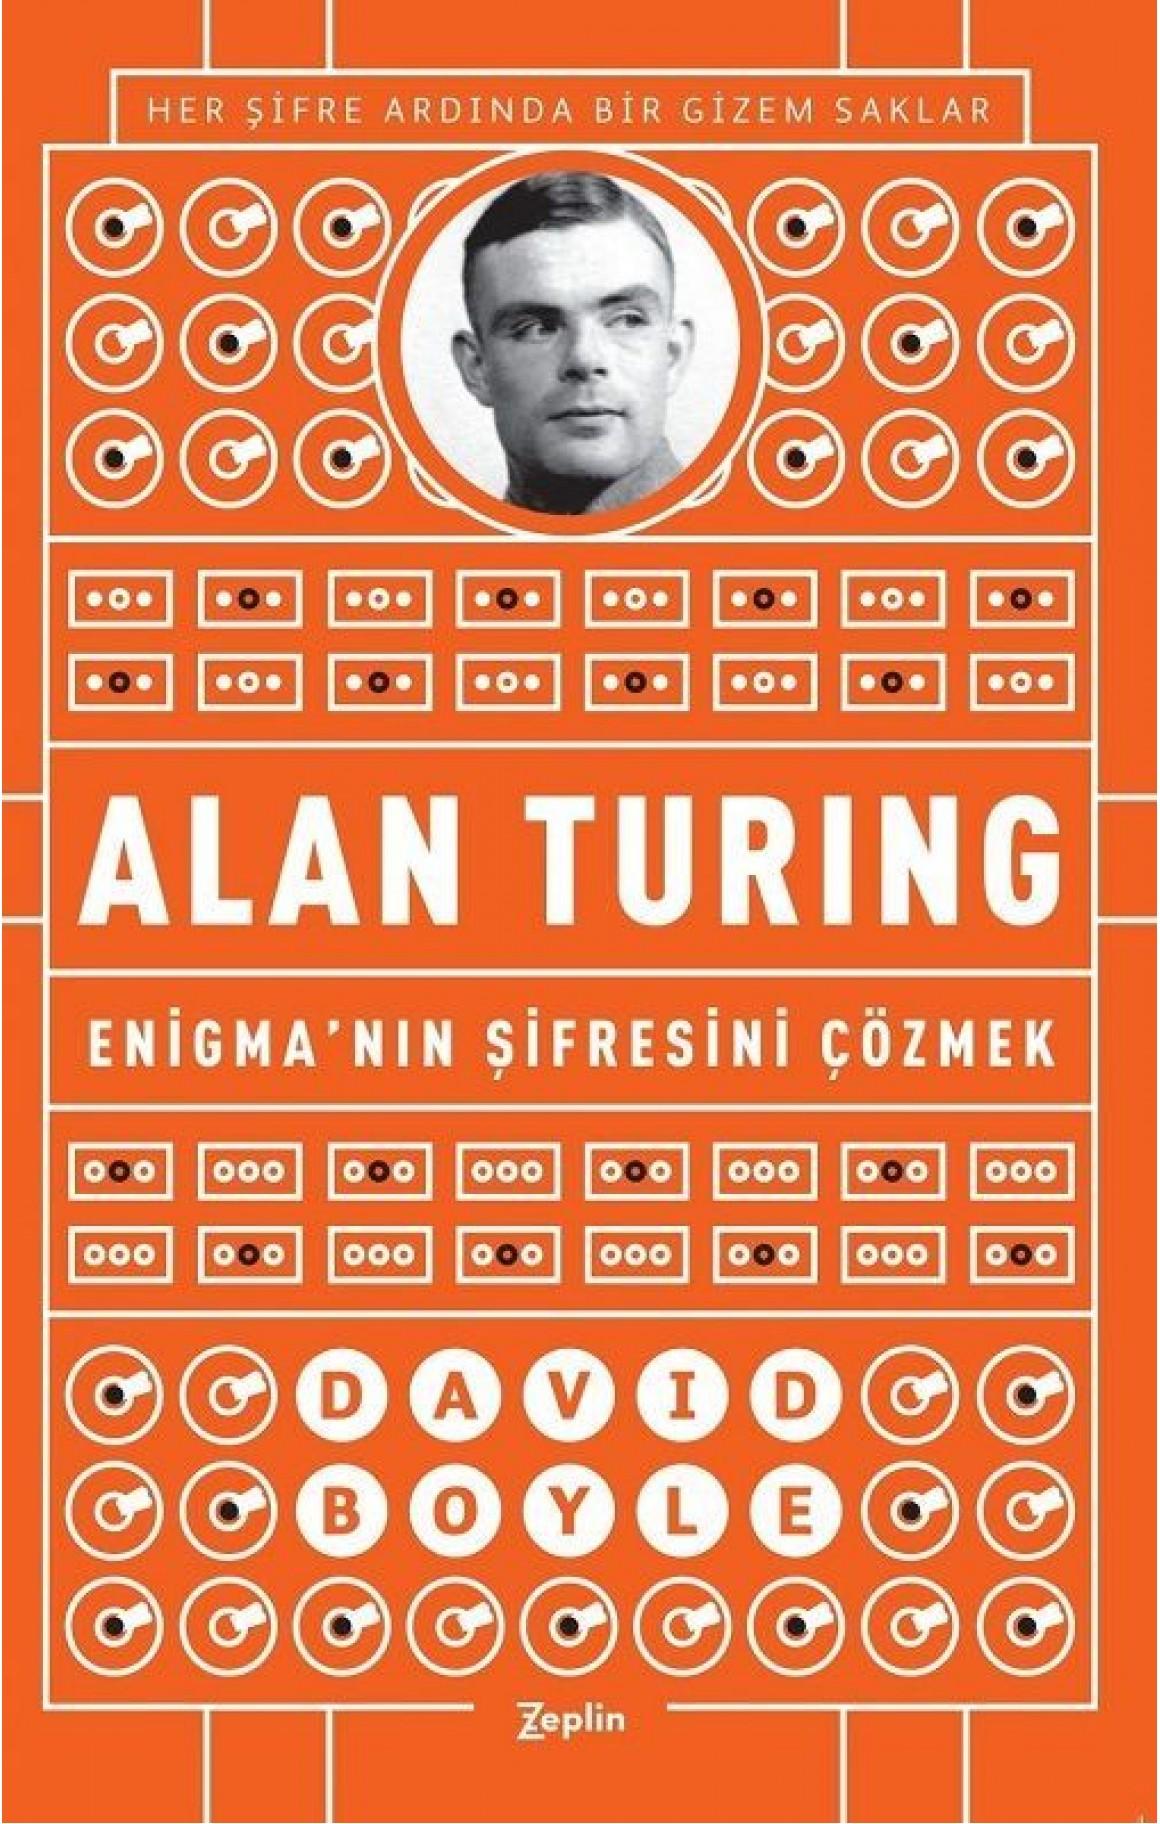 Alan Turing-Enigmanın Şifresini Çözmek